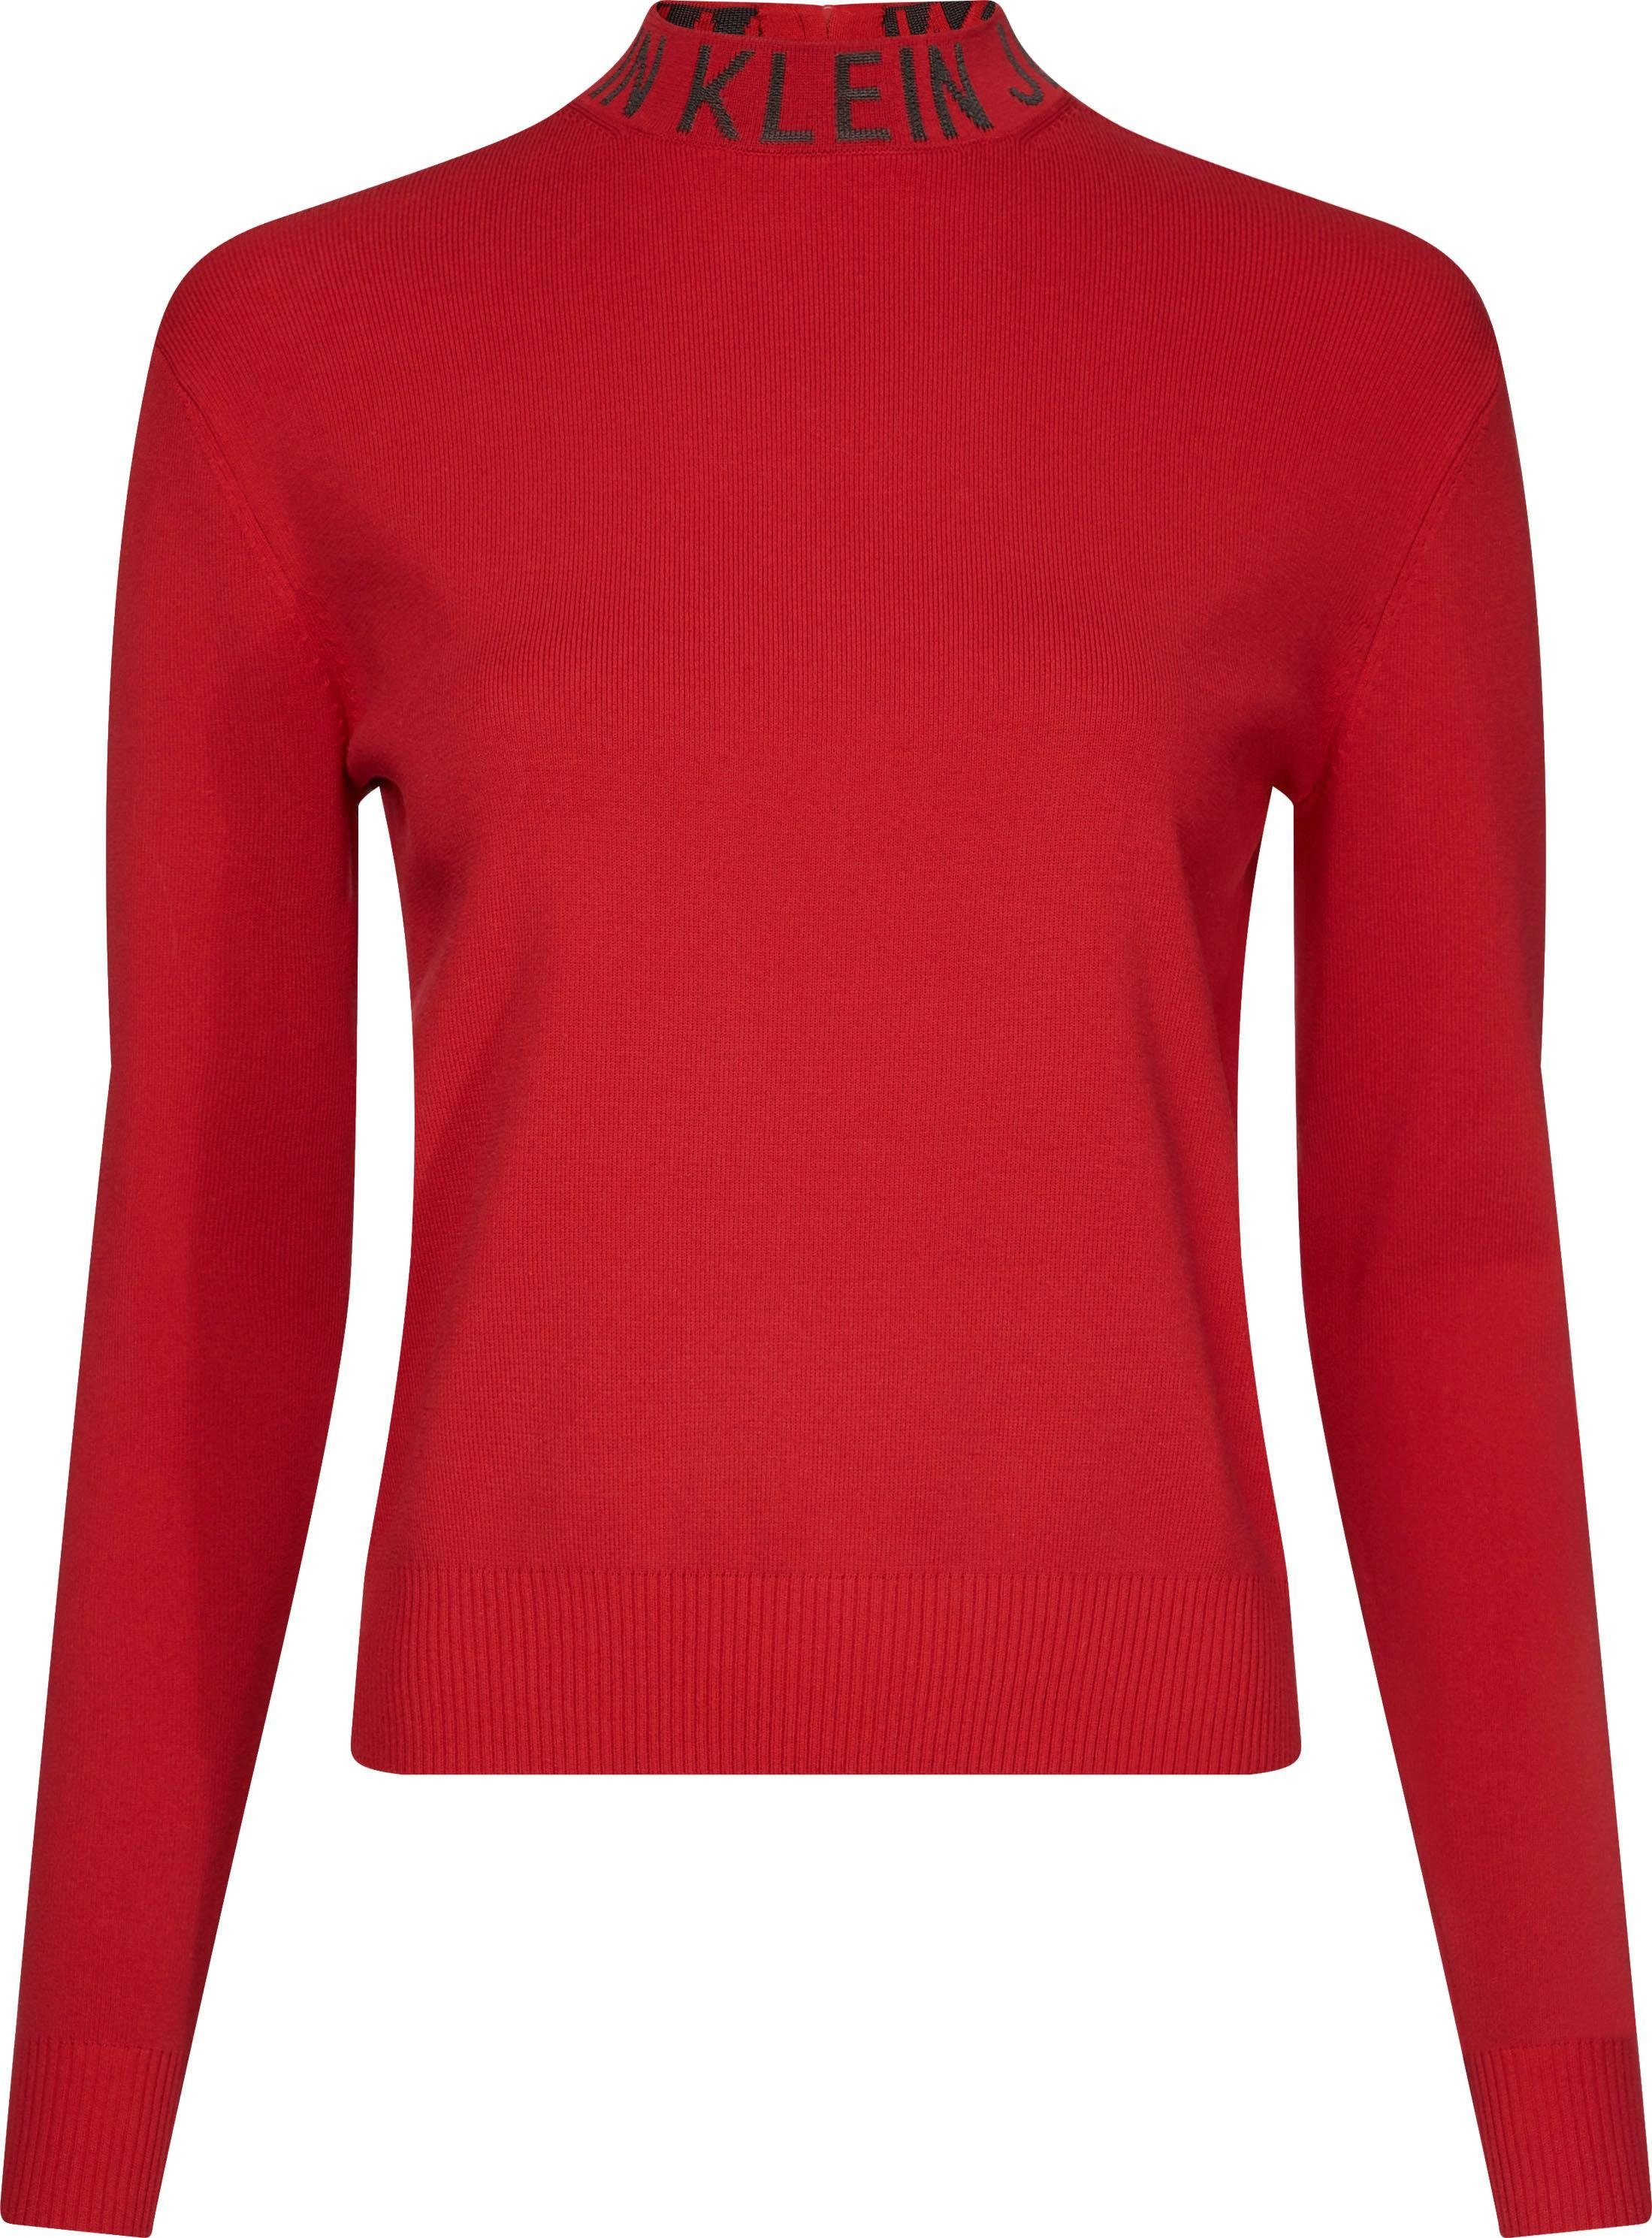 Calvin Klein Jeans Stehkragenpullover »NECK LOGO SWEATER« mit Calvin Klein Jeans Logo Schriftzug am Stehkragen online kaufen   OTTO